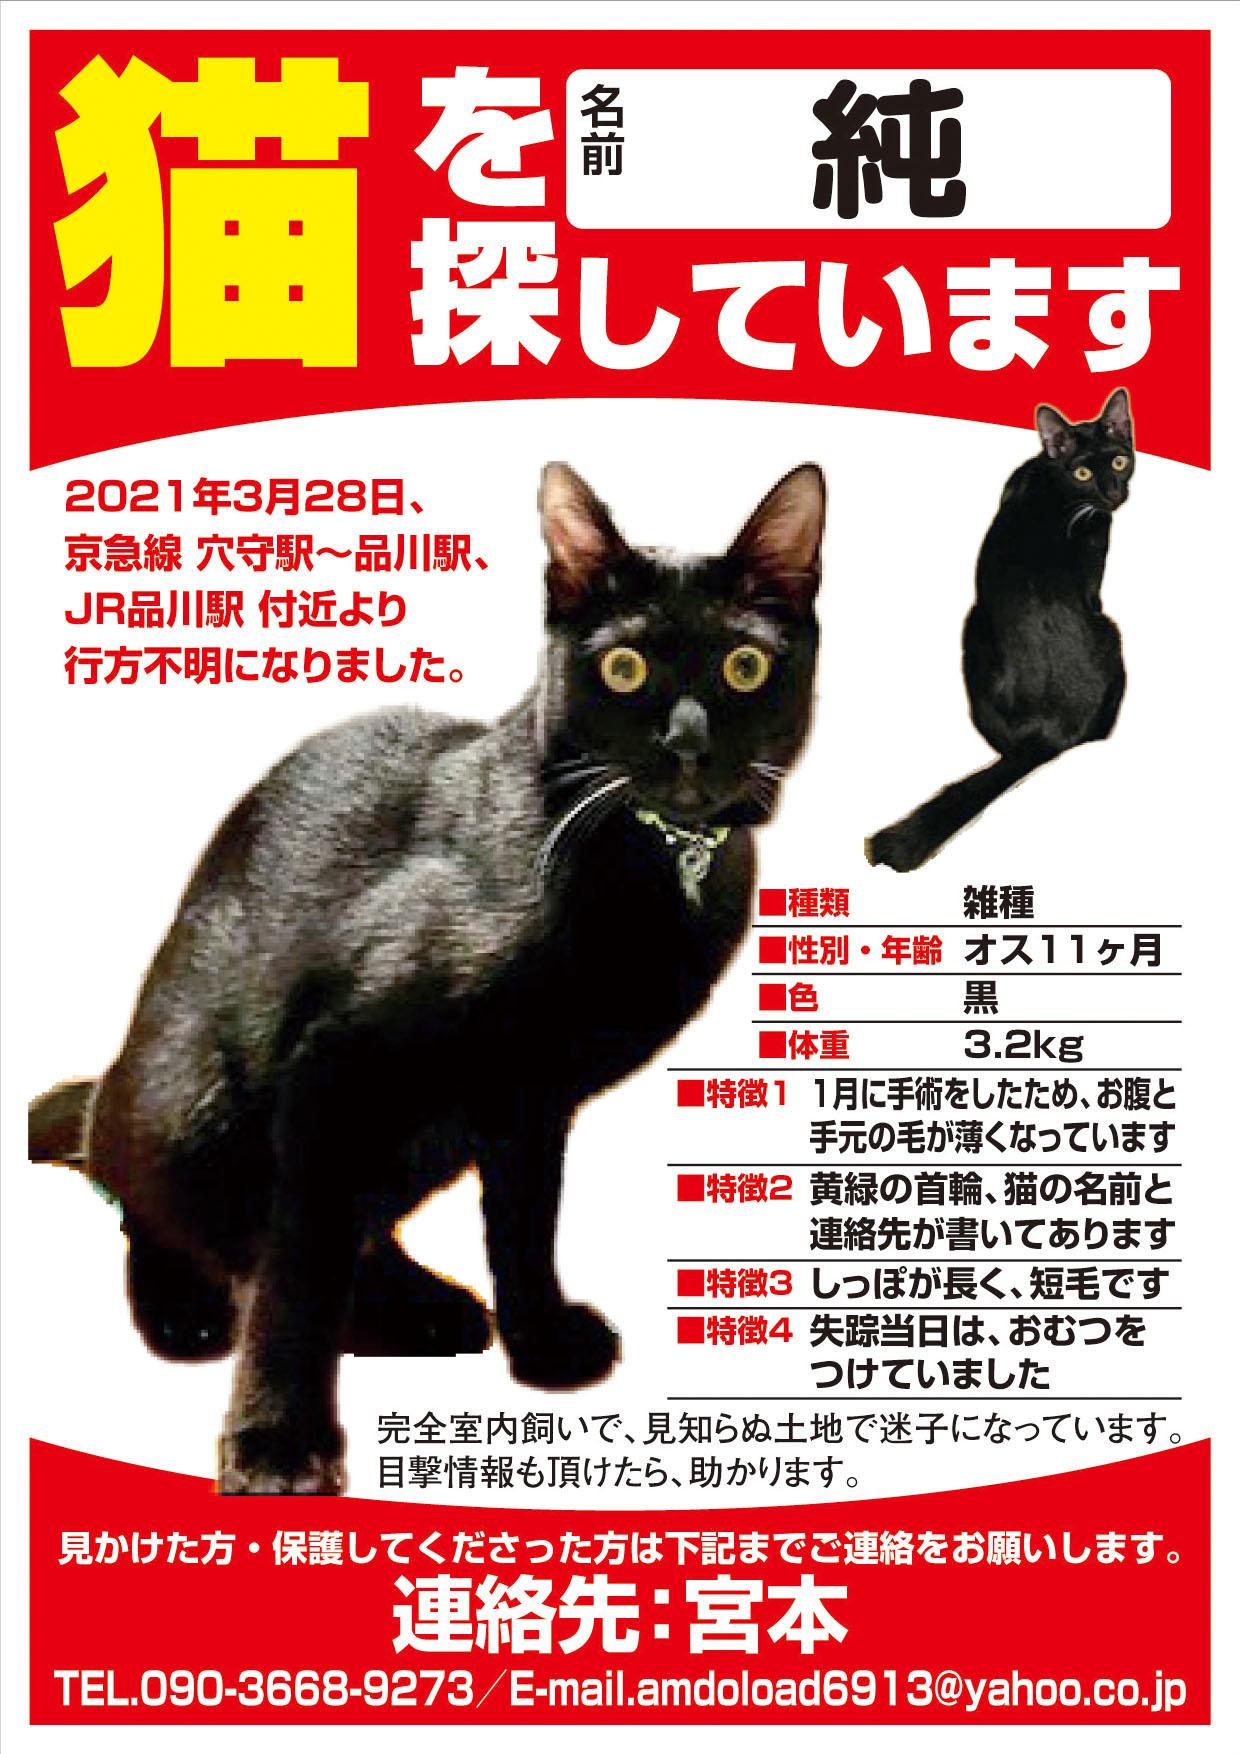 迷い猫 純 君